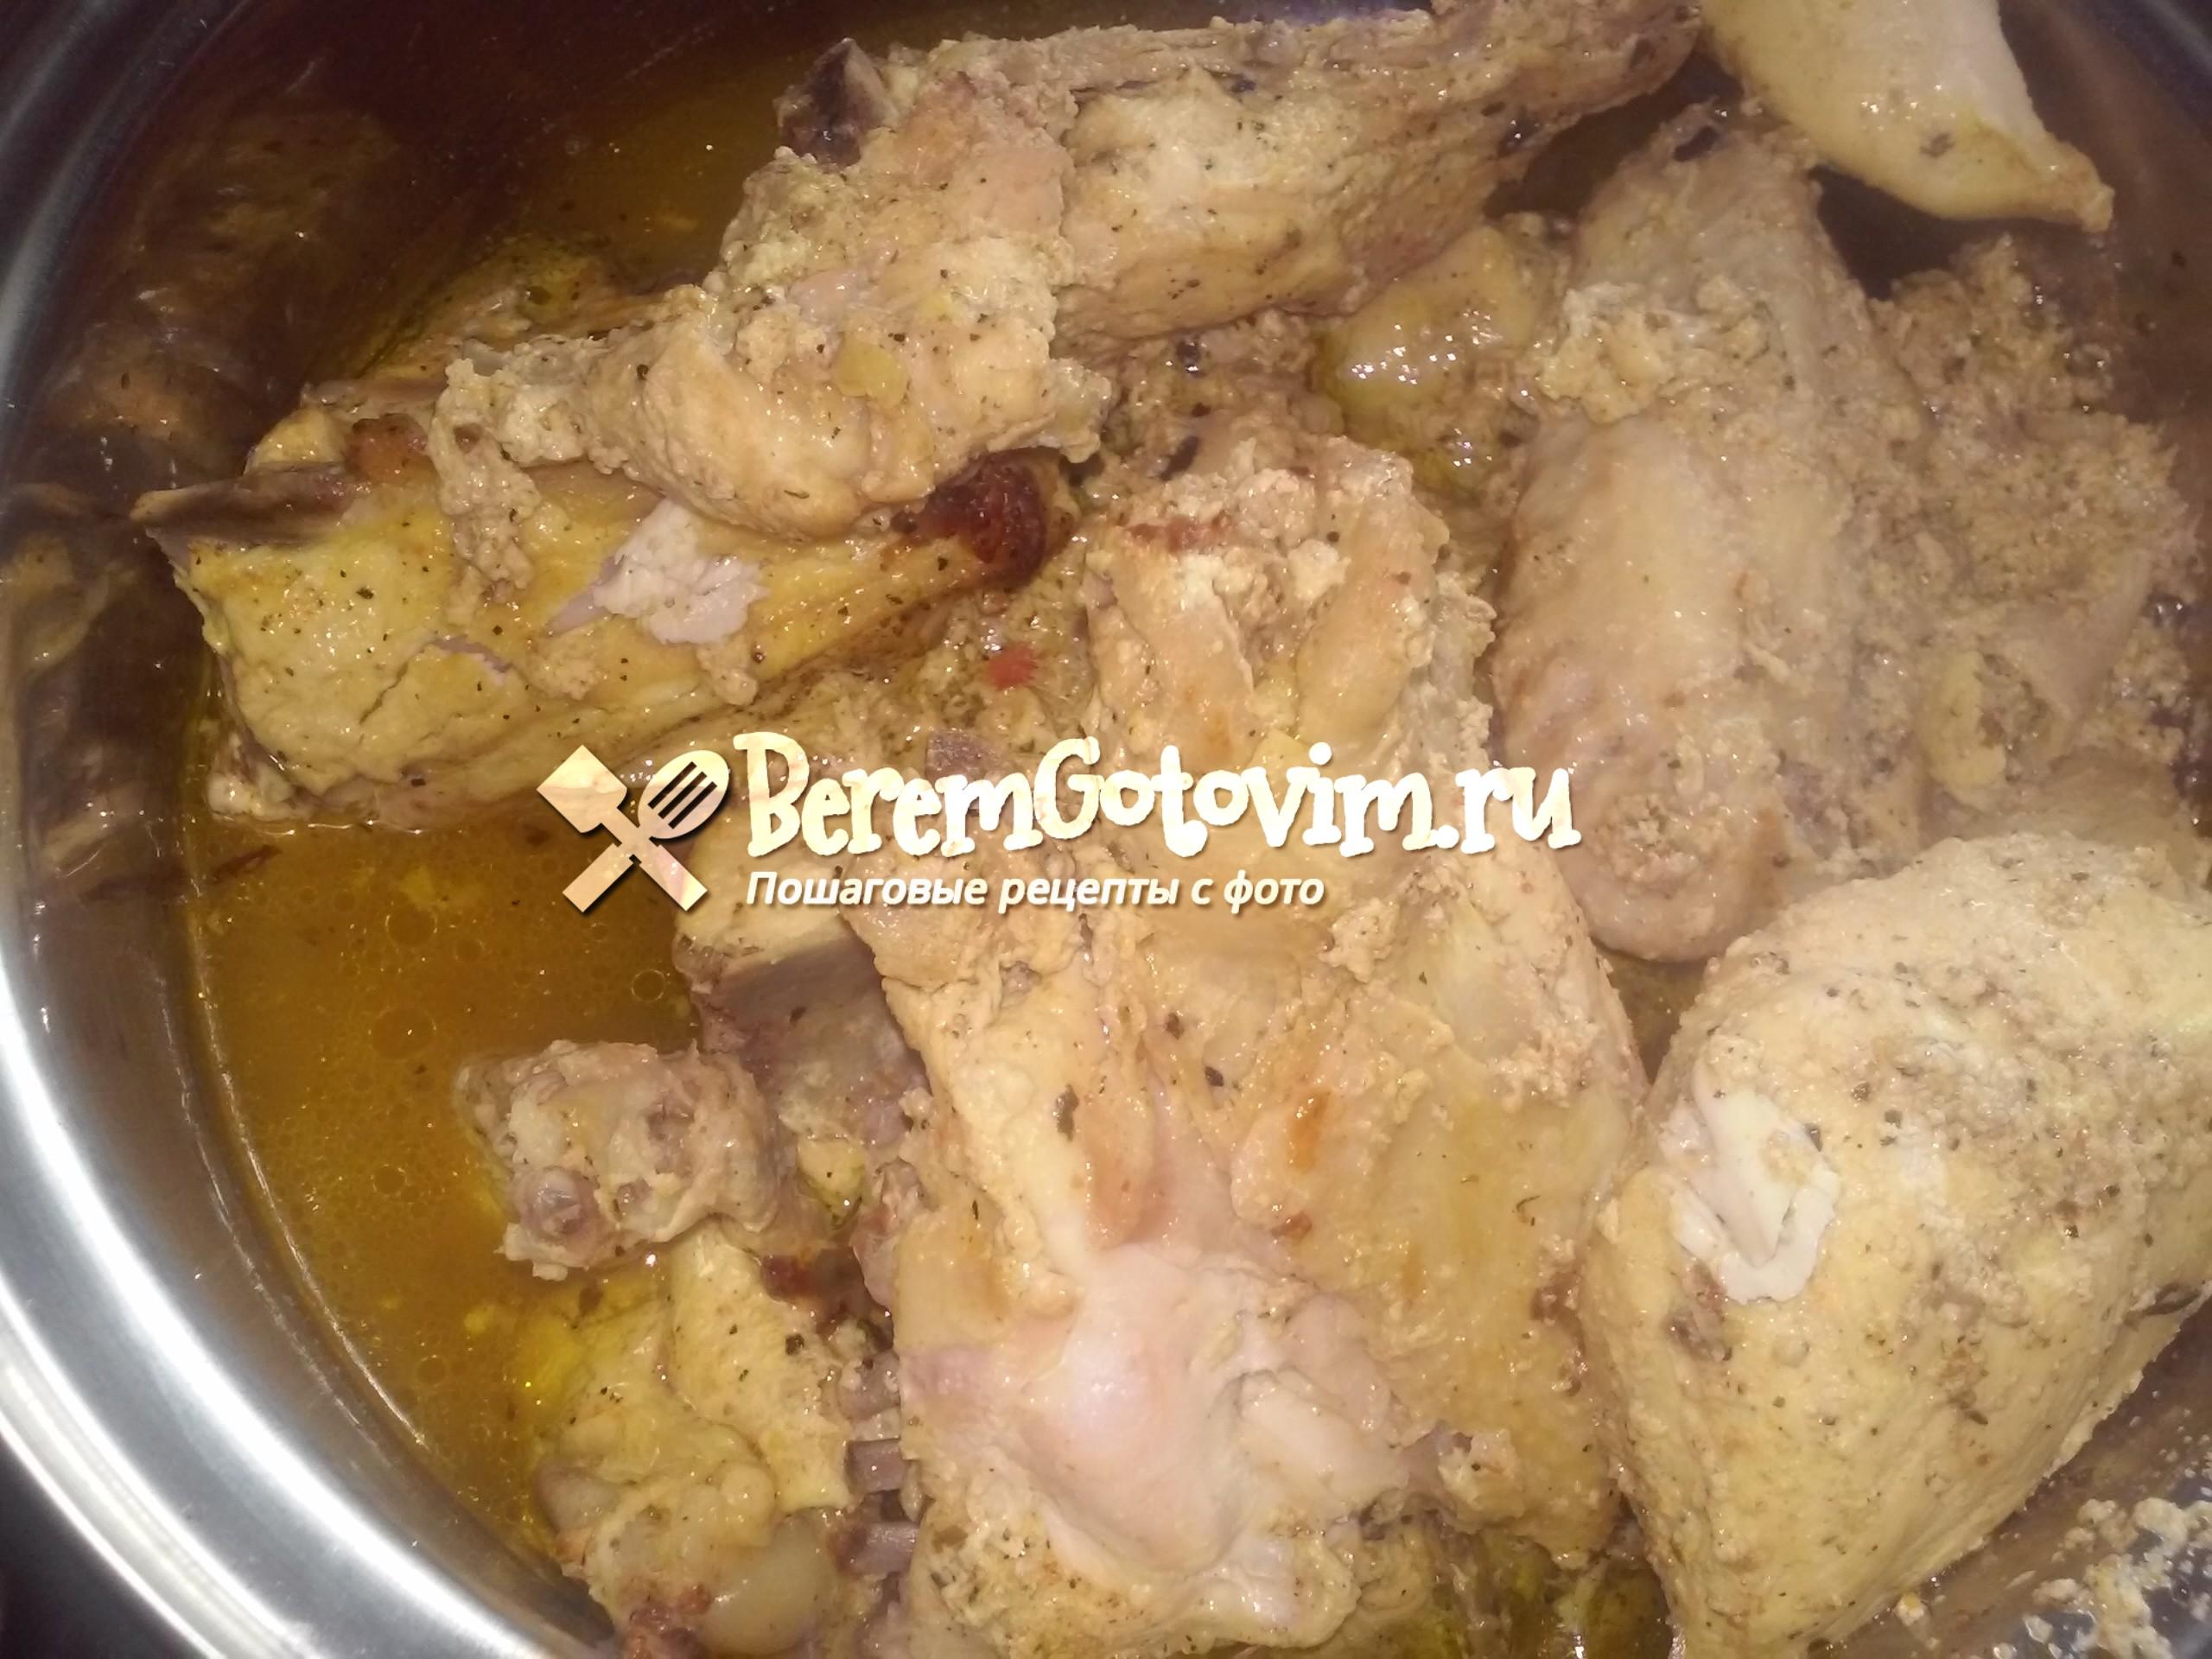 Запеченная курица в кефире